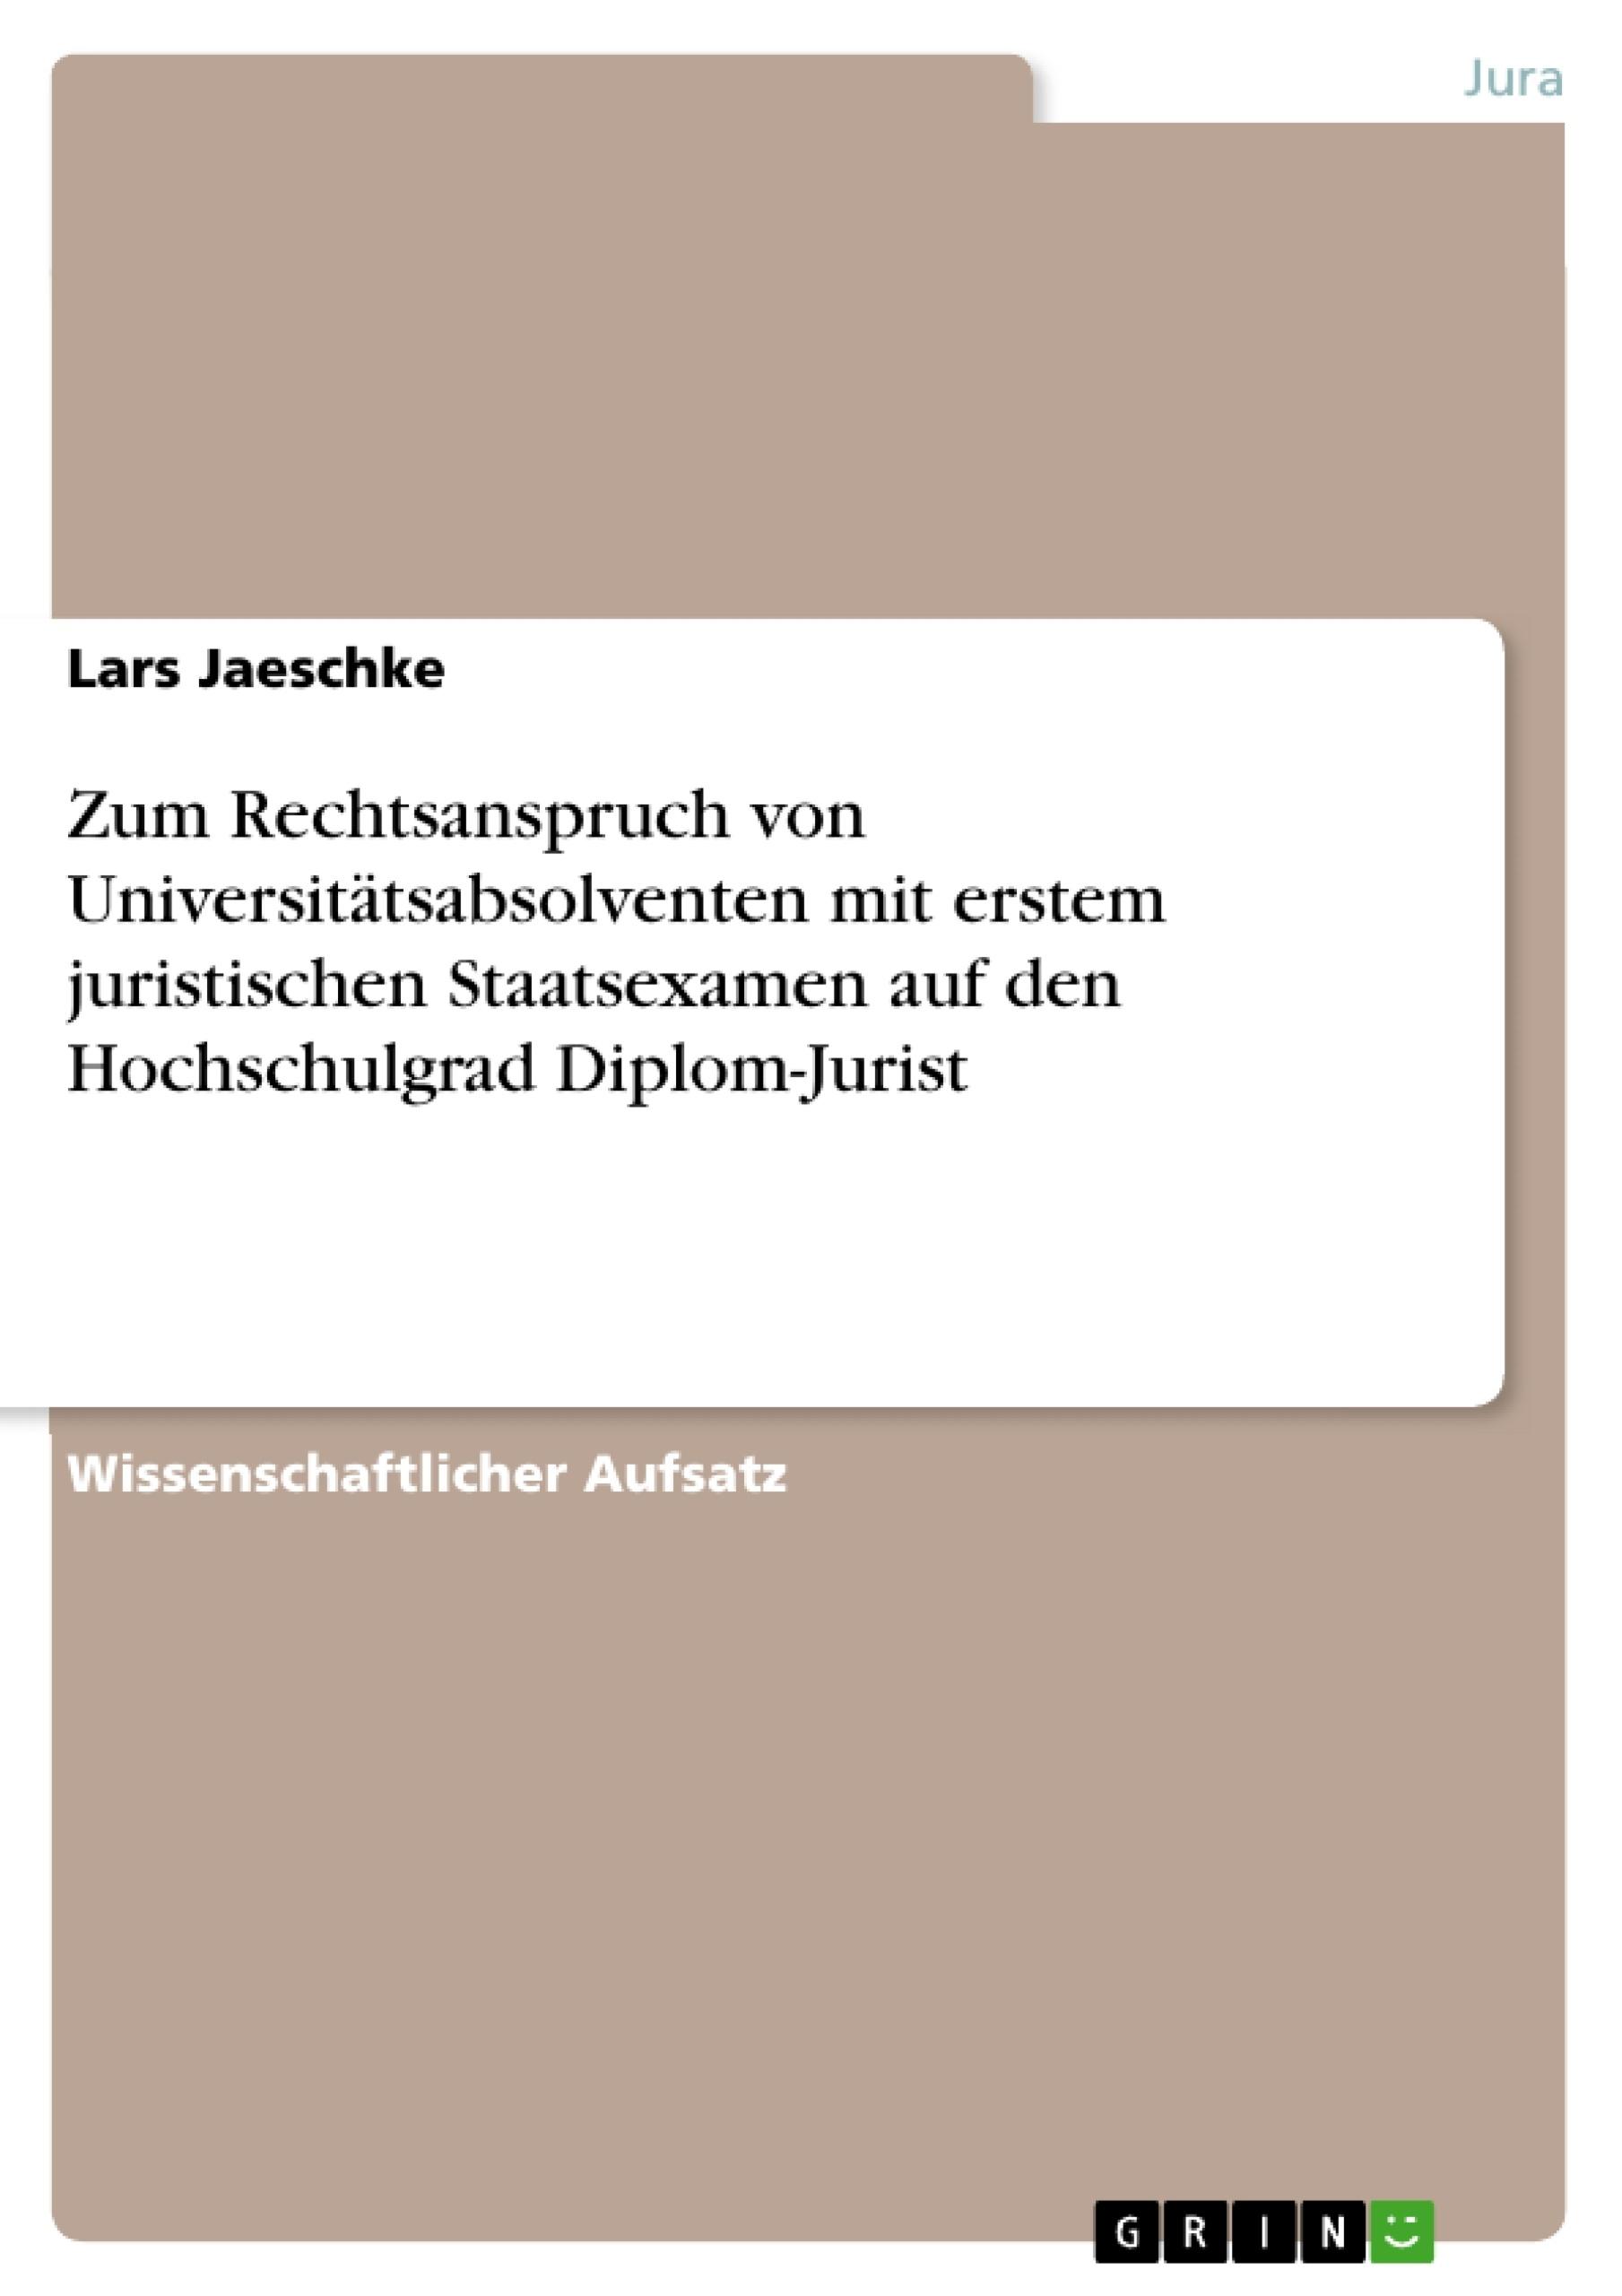 Titel: Zum Rechtsanspruch von Universitätsabsolventen mit erstem juristischen Staatsexamen auf den Hochschulgrad Diplom-Jurist